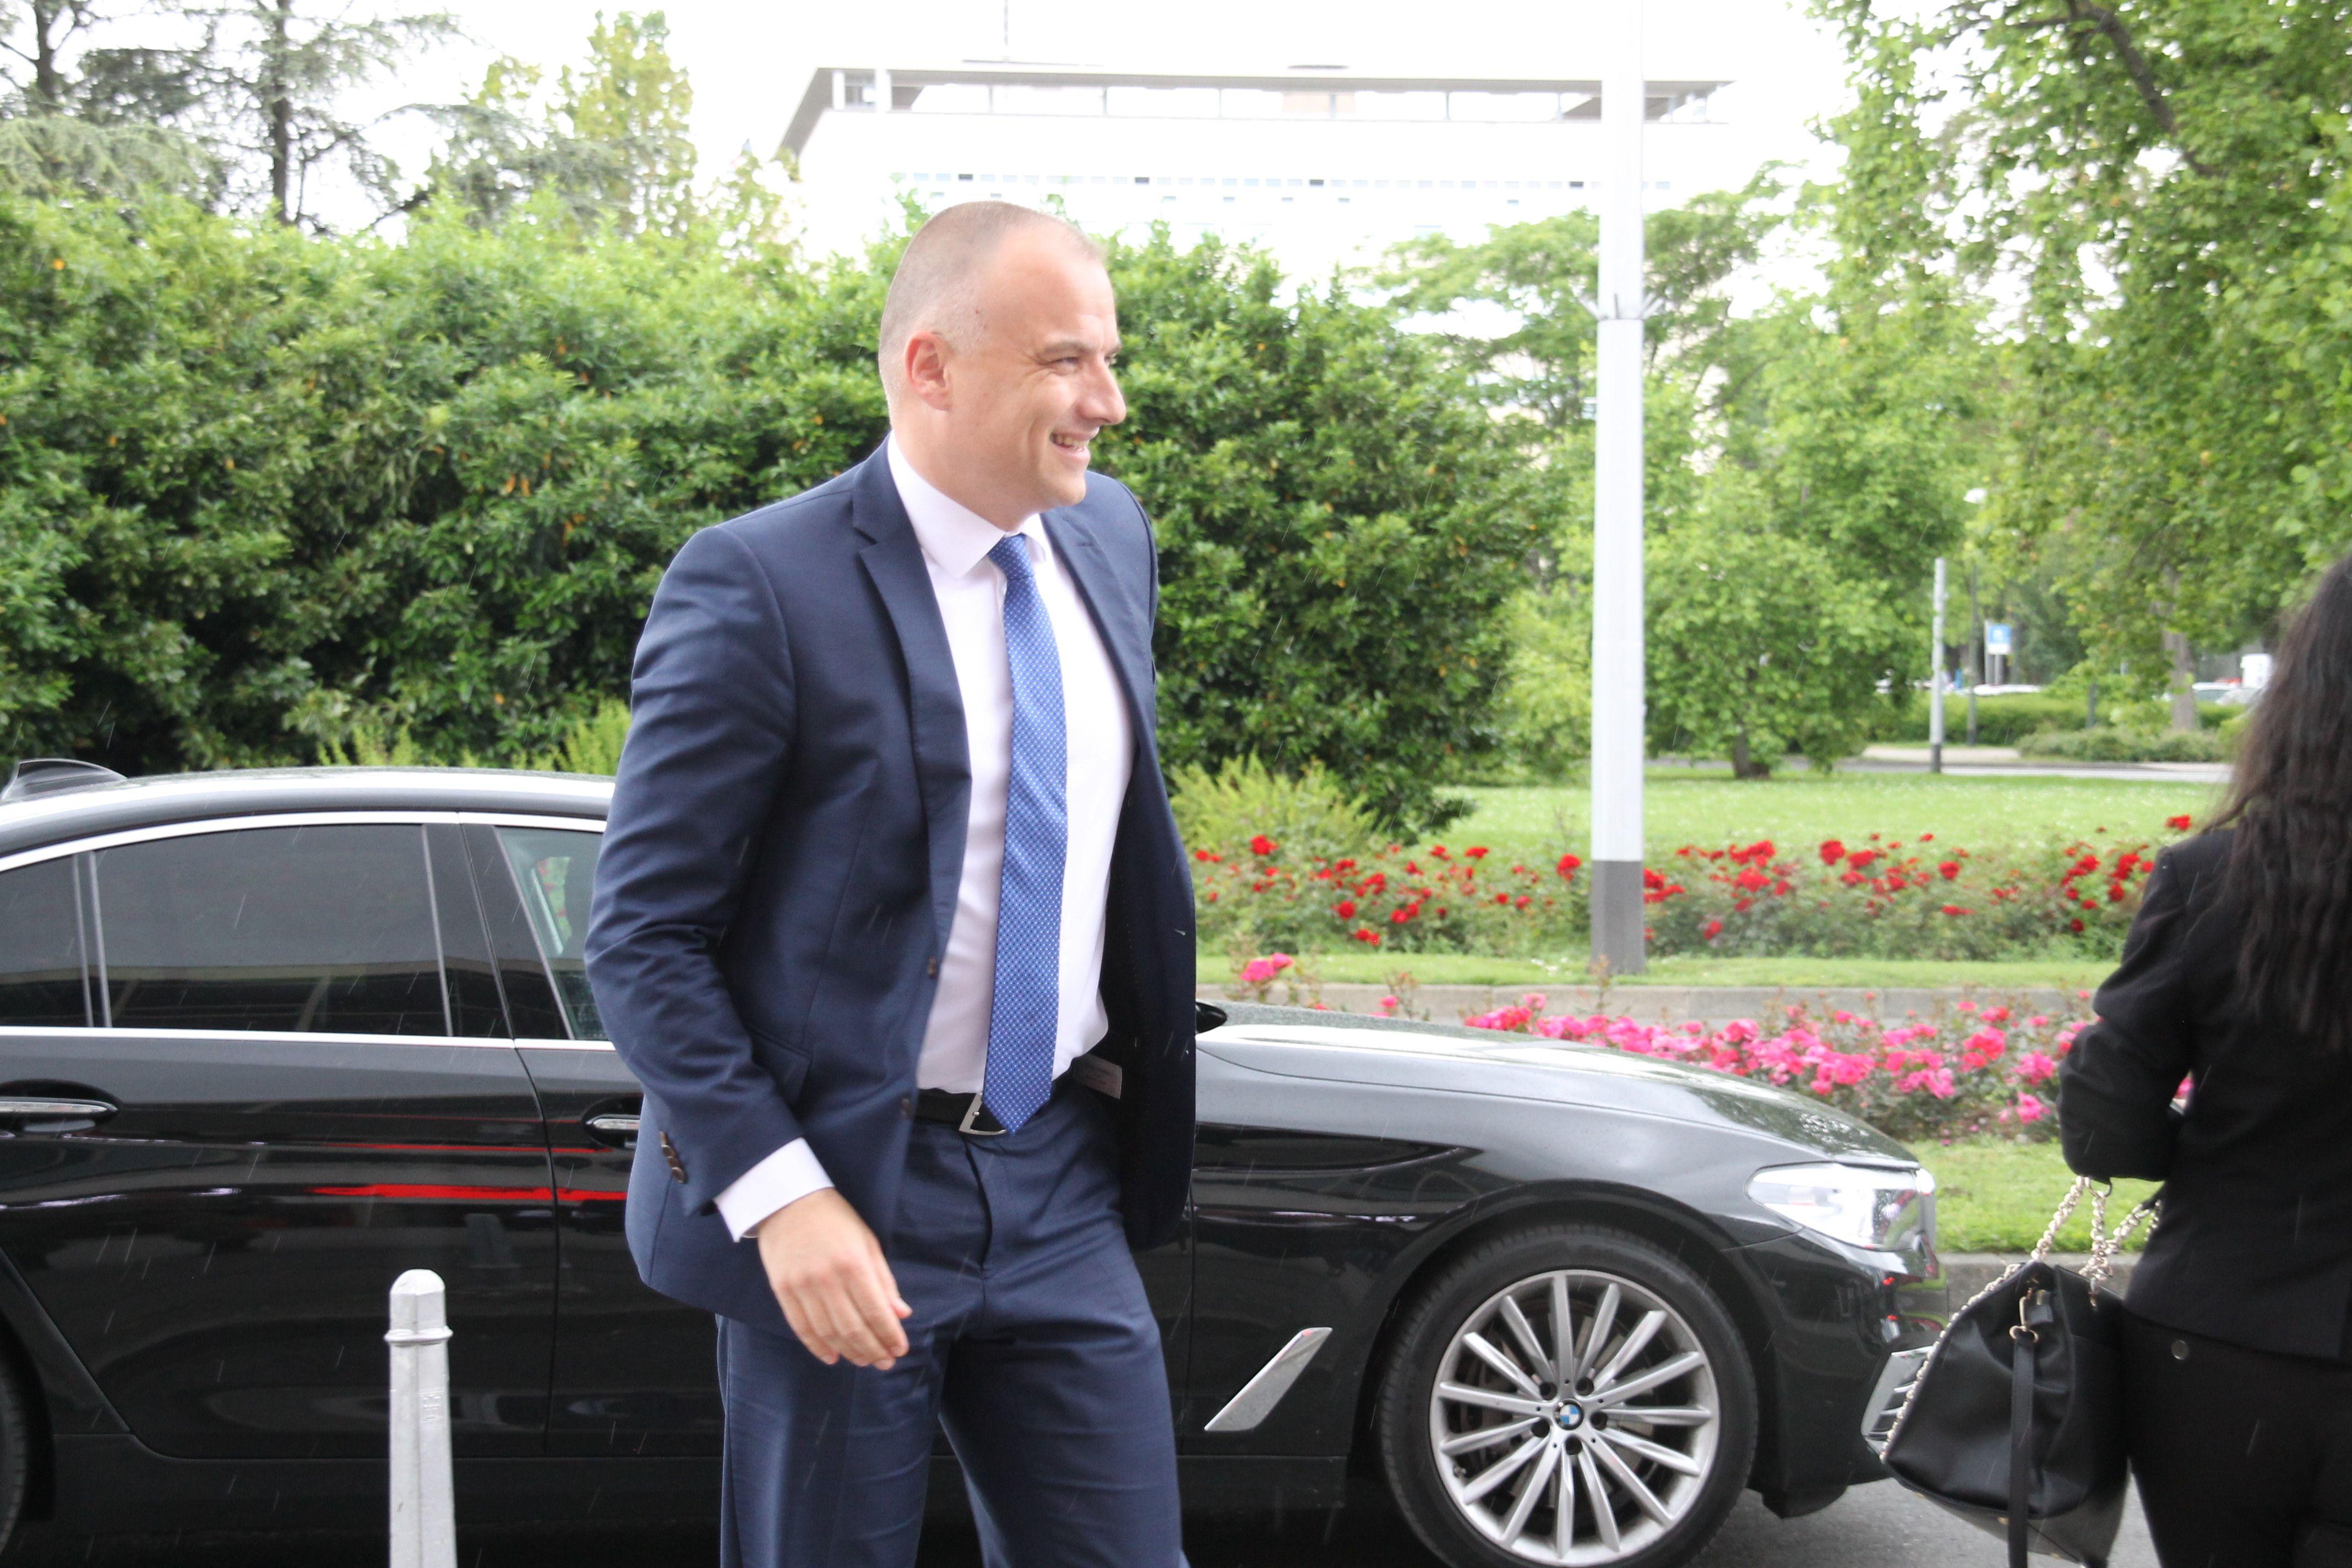 """SOA: Stabilna sigurnosna situacija u Hrvatskoj; """"Ekstremizam nema širu potporu hrvatske javnosti"""""""